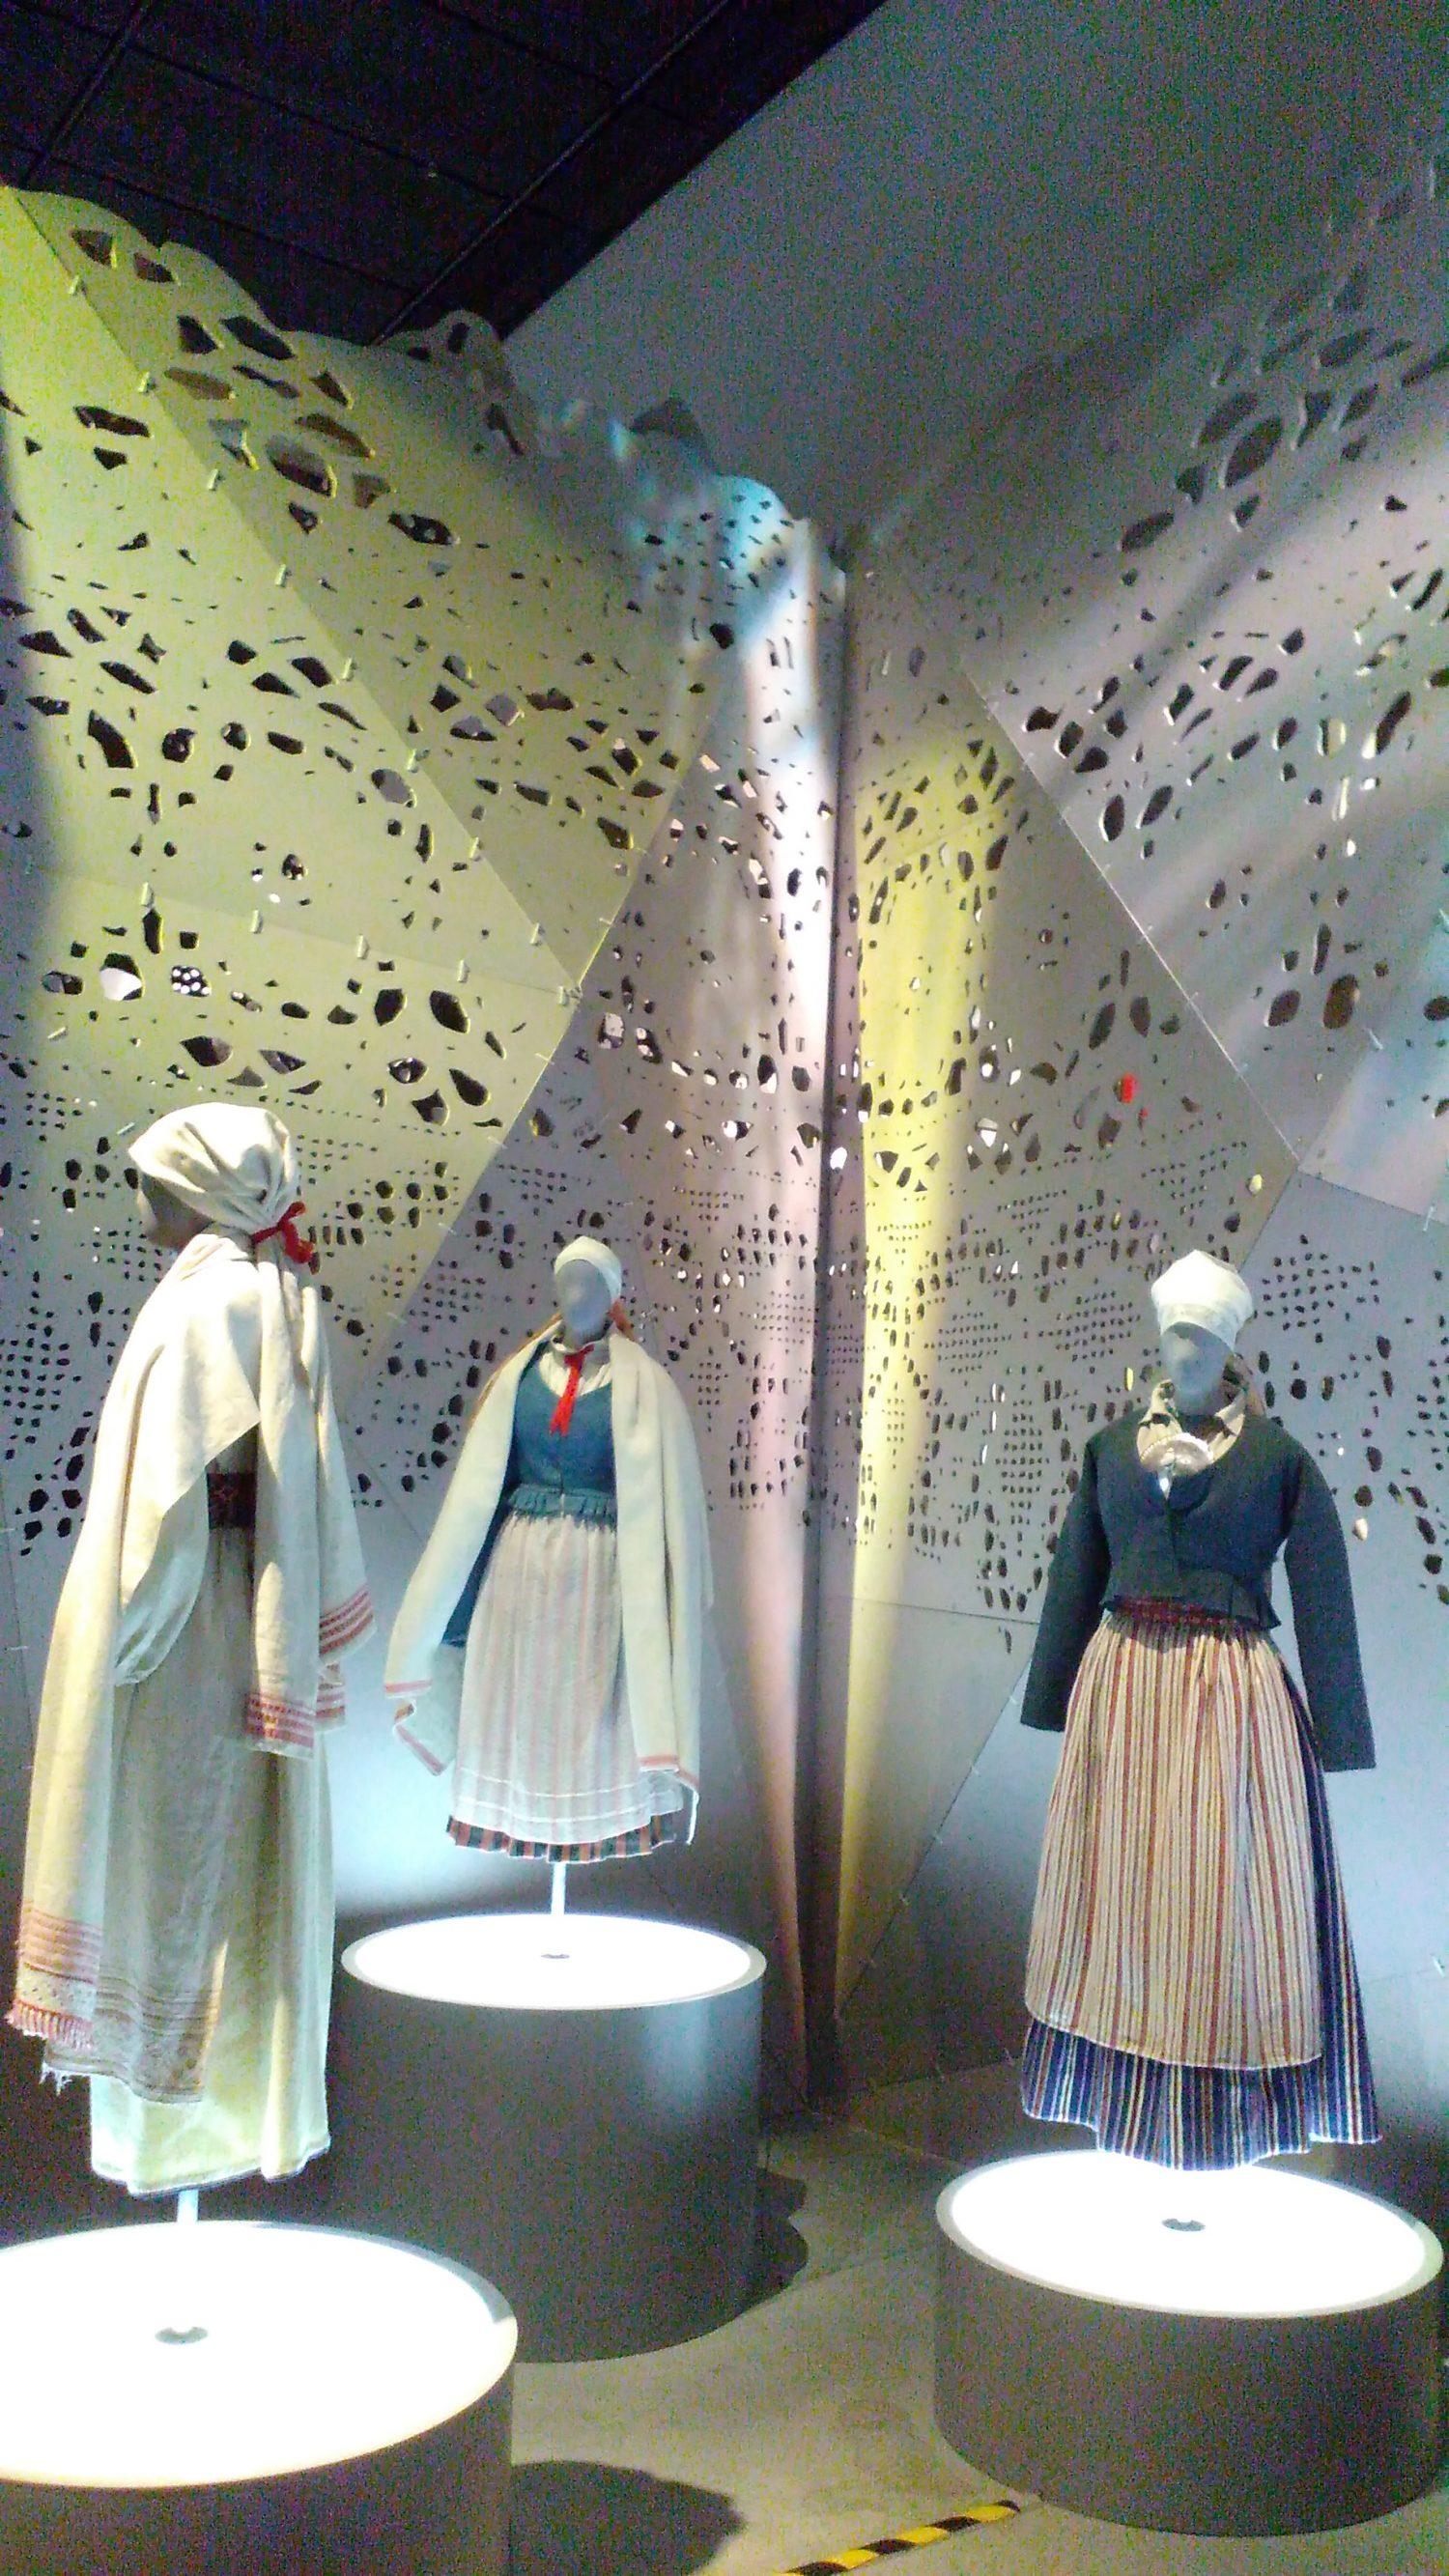 Kulttuurimatka Tarttoon Viron kansallismuseoon 18.-20.5.2018